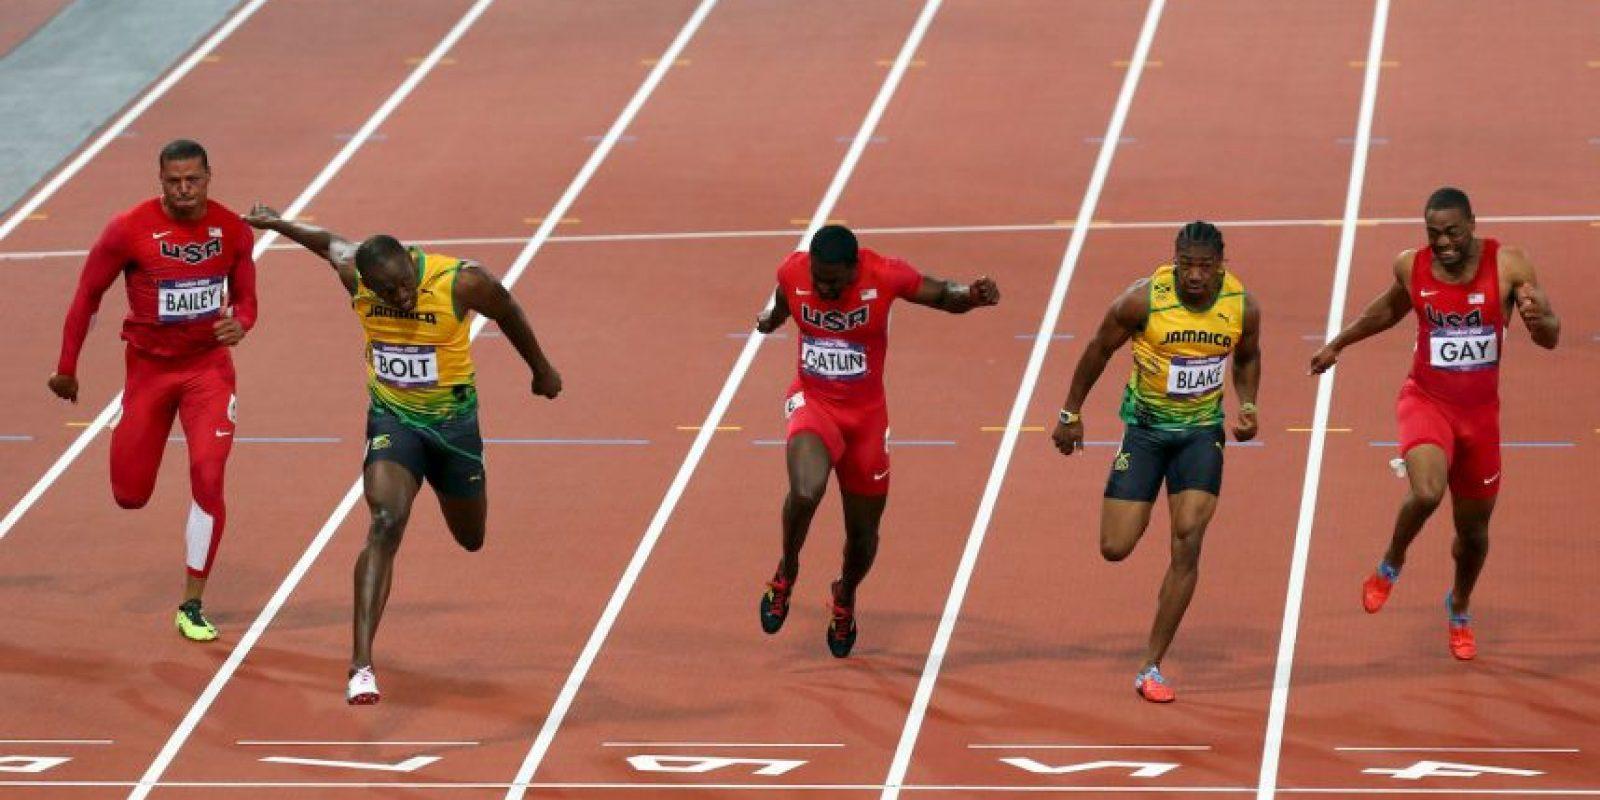 El bronce fue para Trinidad & Tobago, luego de que el equipo de Canadá, que llegó tercero, fuera descalificado. Foto:Getty Images